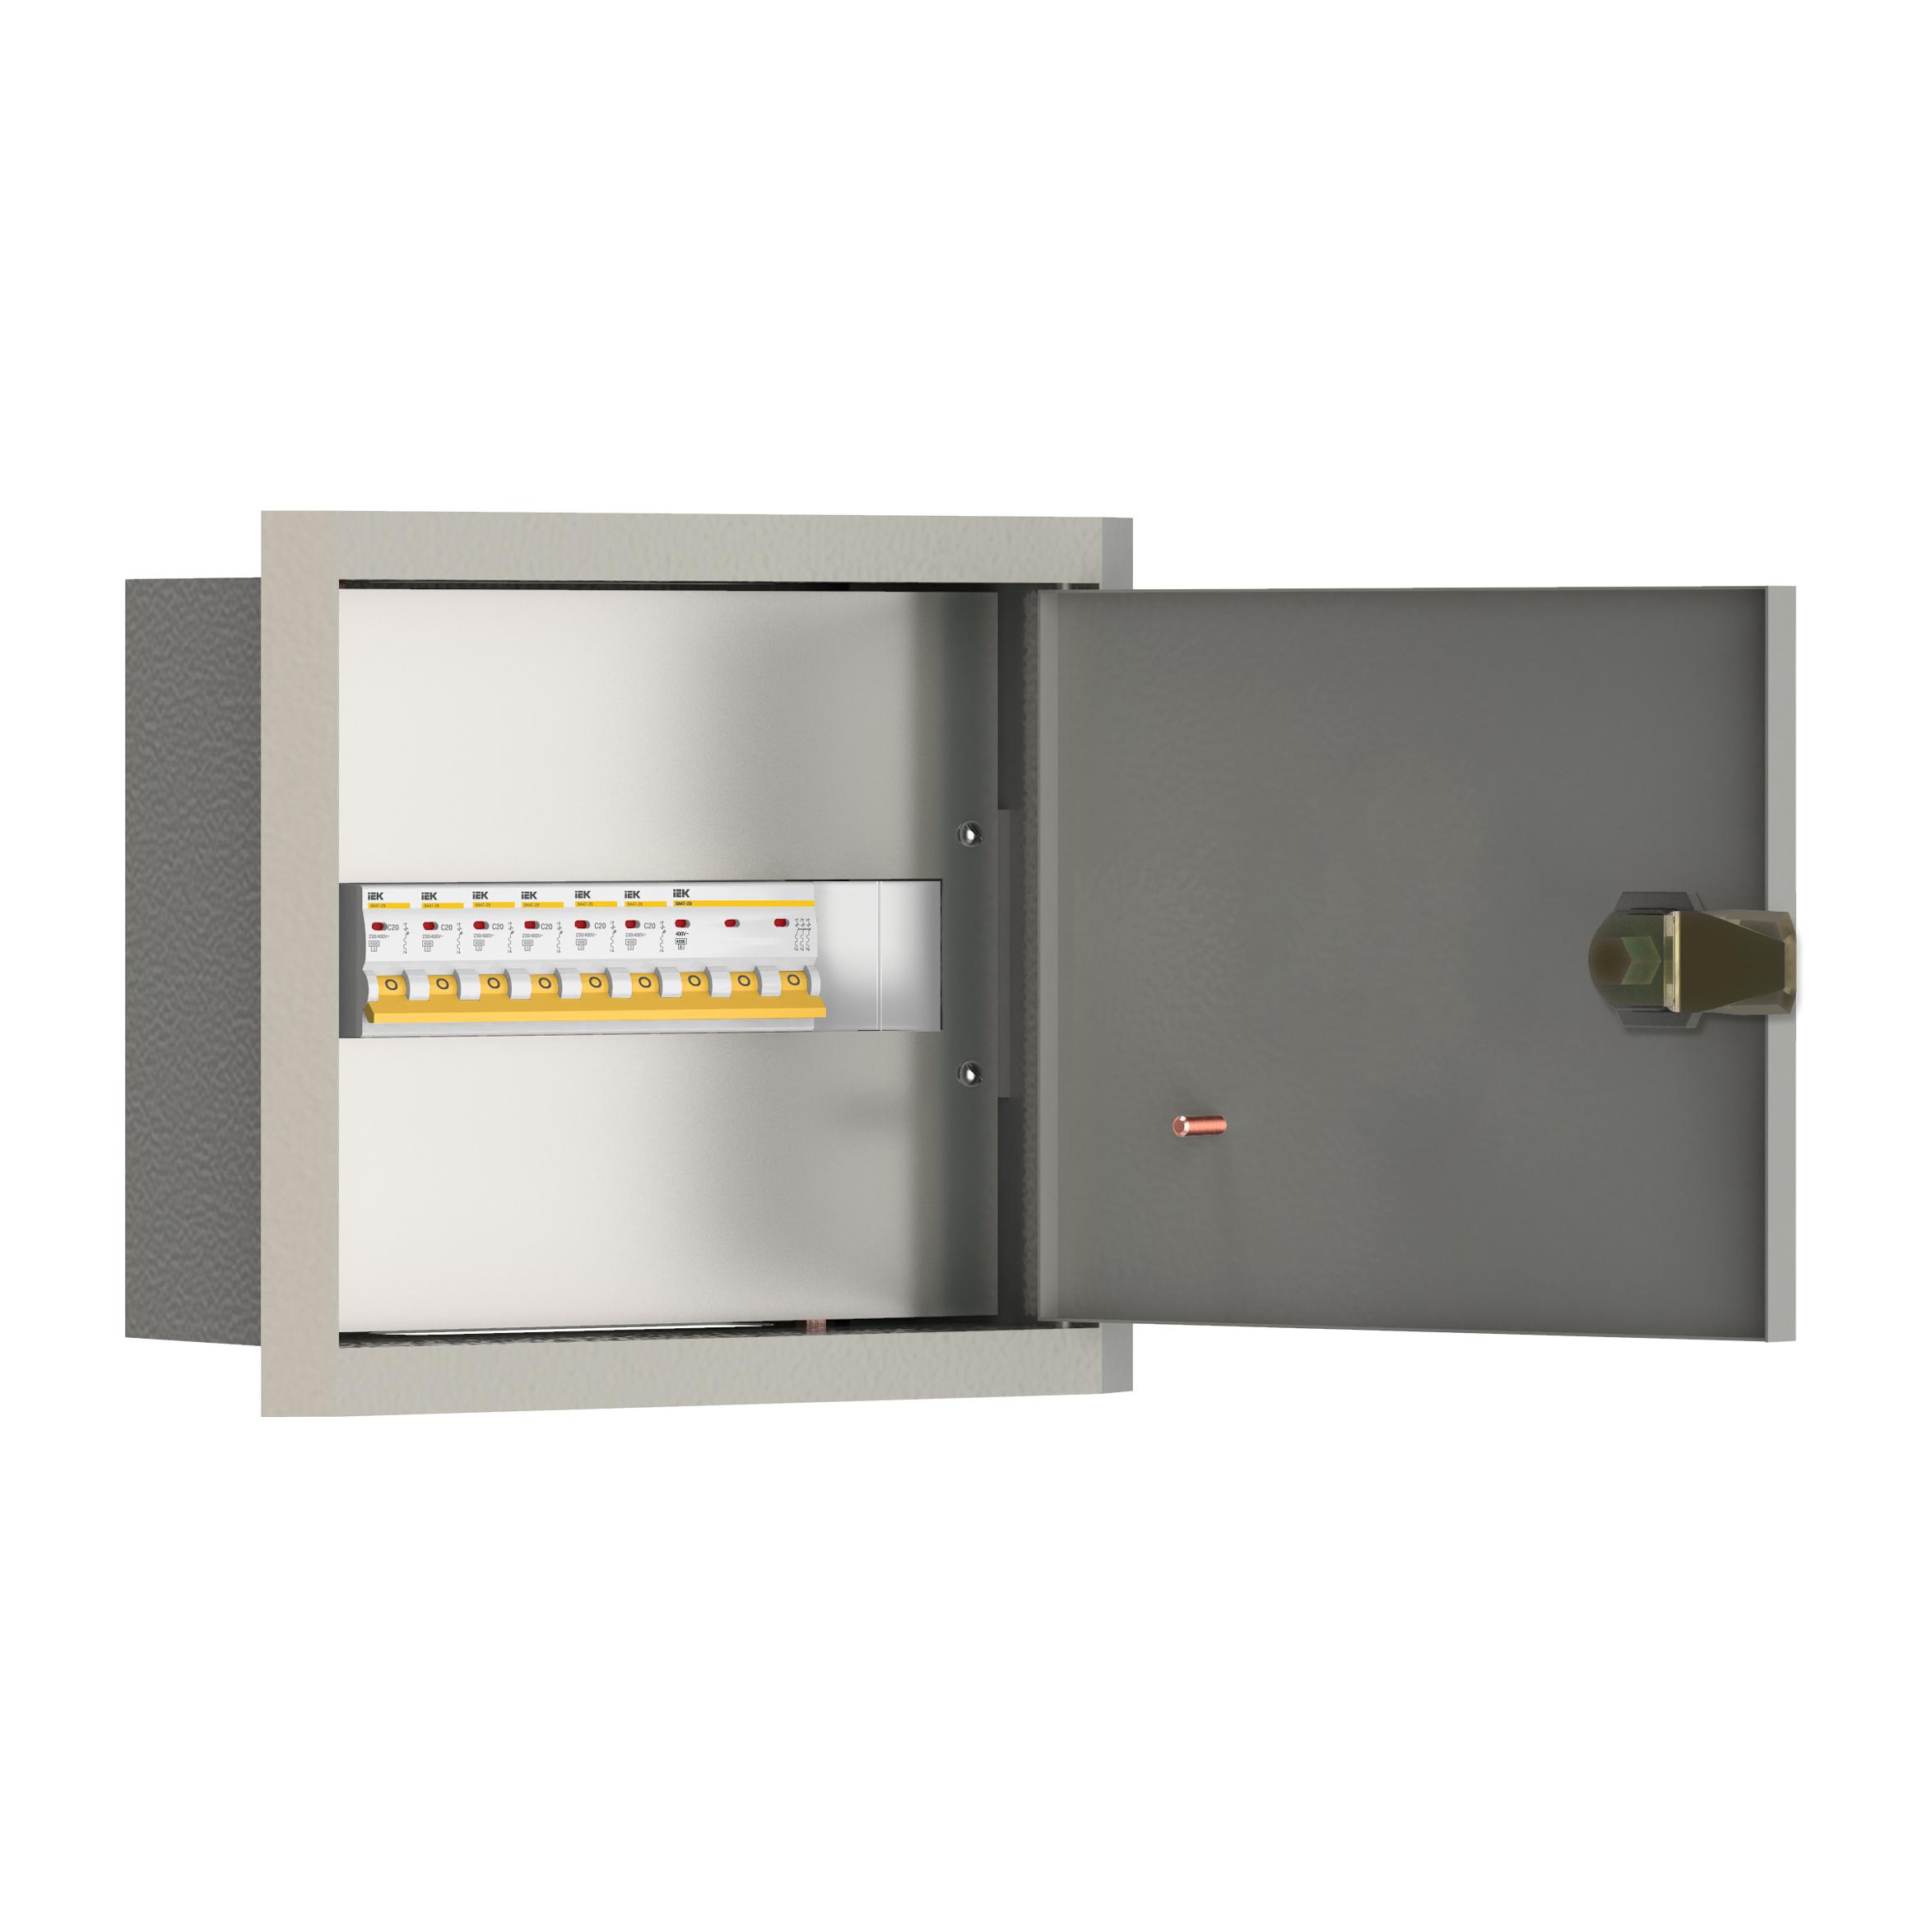 Щиток осветительный УОЩВ утопленный с автоматическими выключателями 3p 1х63А 1p 12х16А IEK